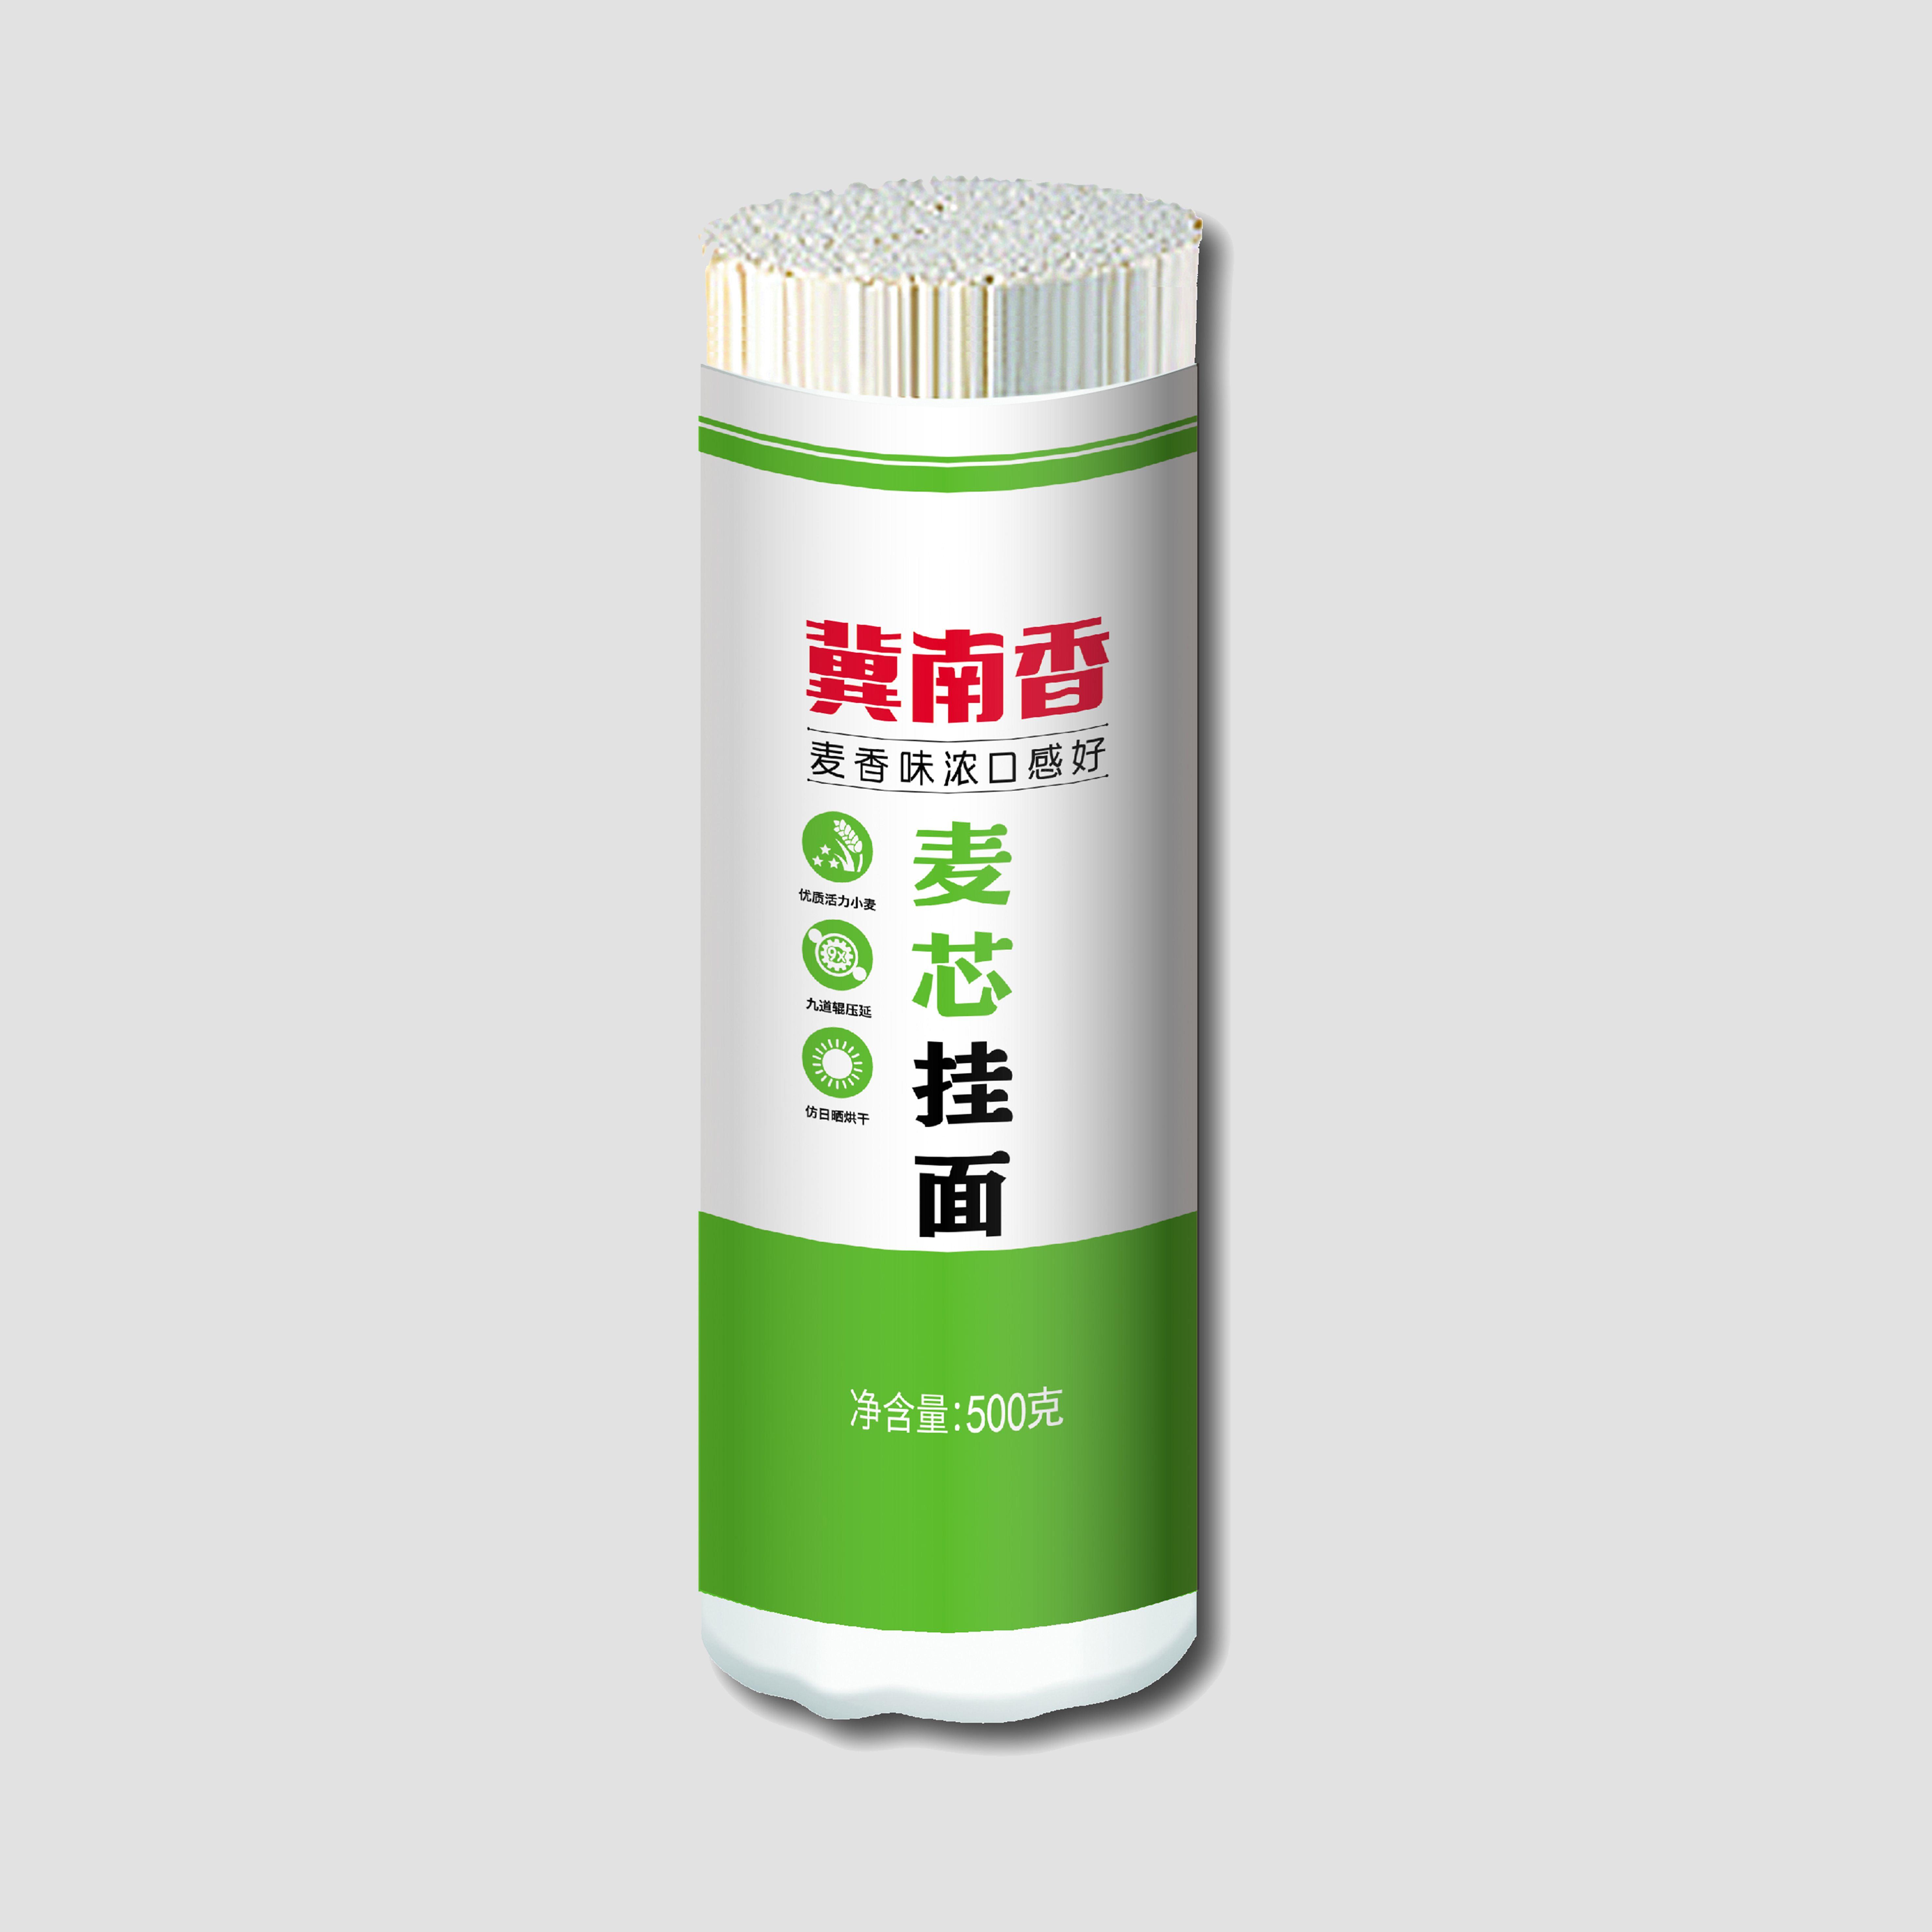 麦芯挂面(1)